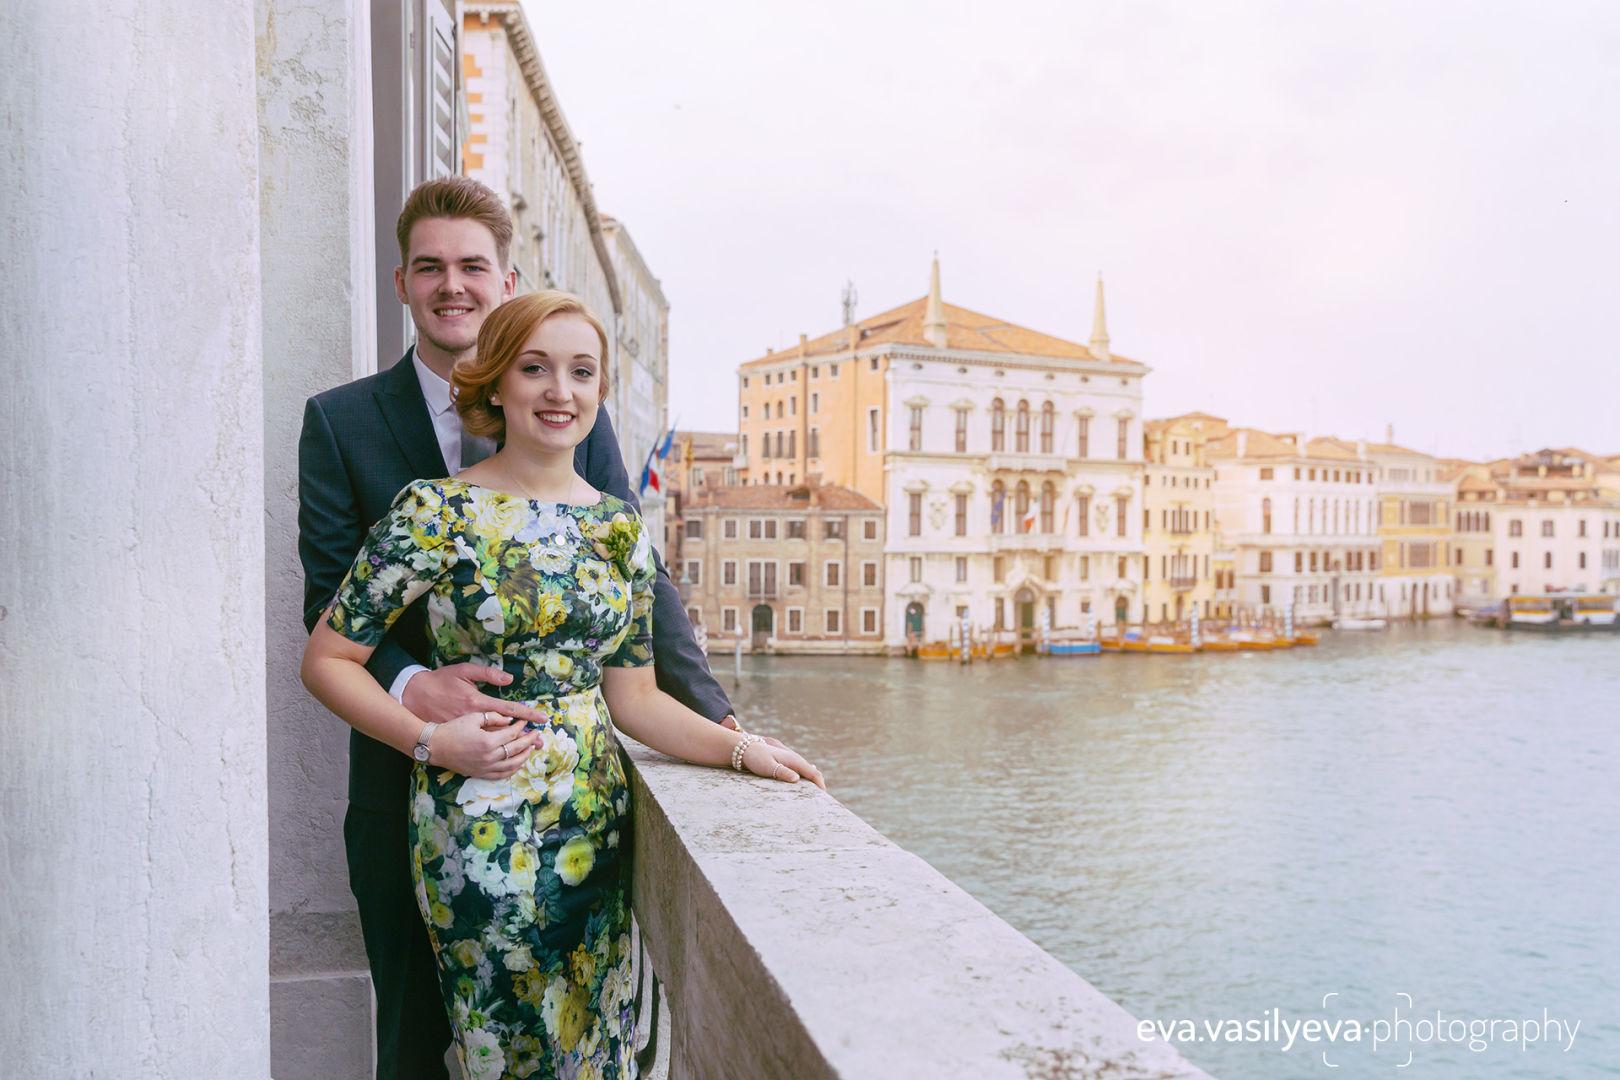 photographer in venice, фотограф в венеции,